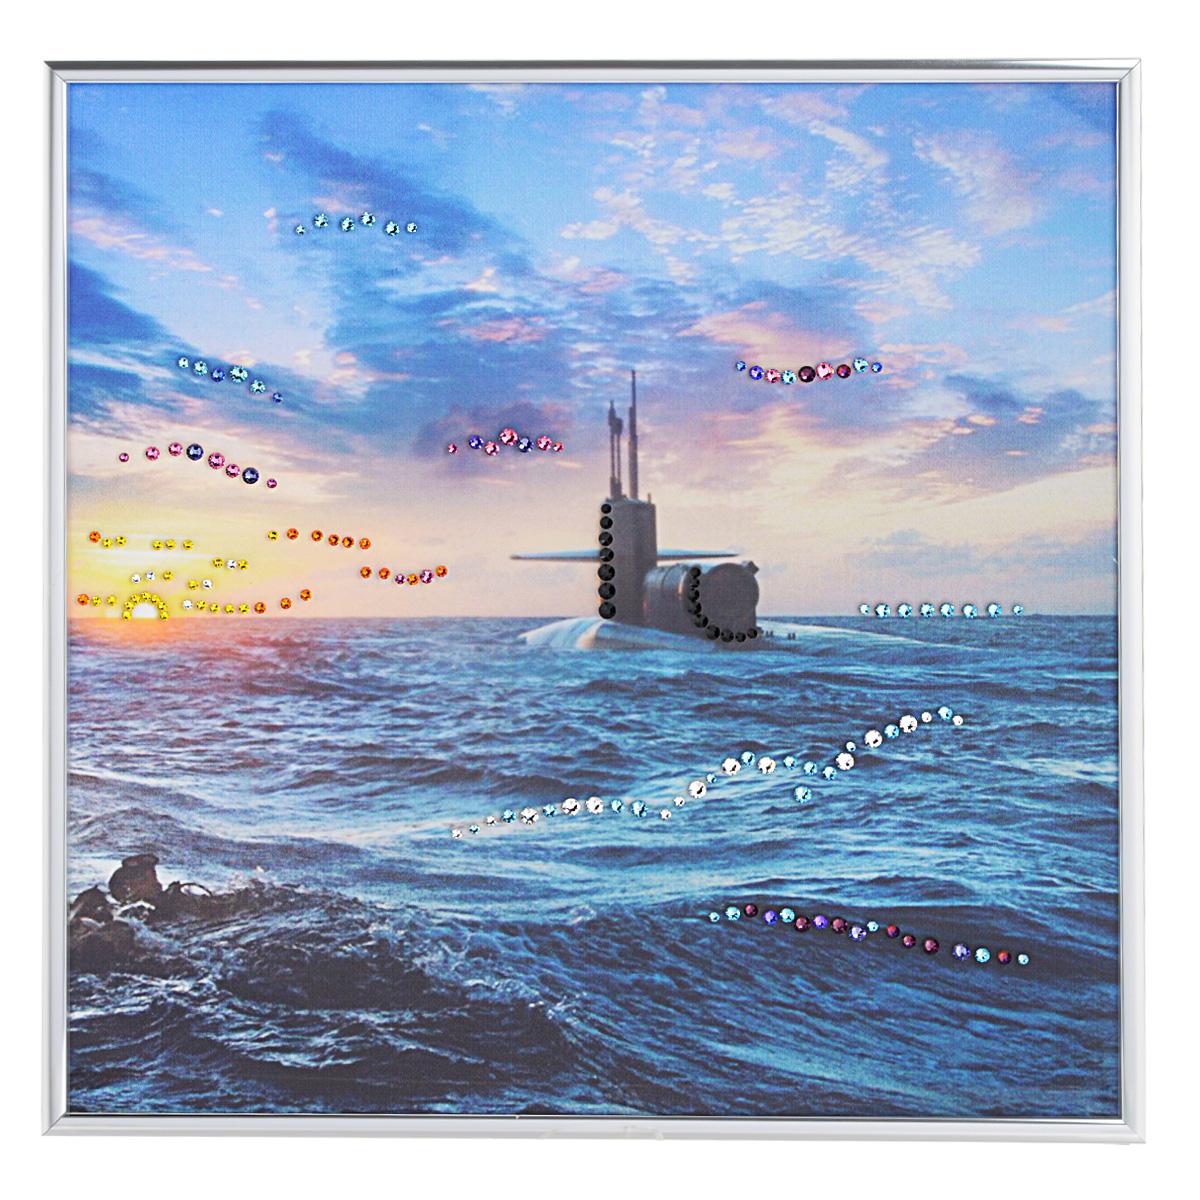 Картина с кристаллами Swarovski Подводная лодка, 30 см х 30 см1340Изящная картина в алюминиевой раме Подводная лодка инкрустирована кристаллами Swarovski, которые отличаются четкой и ровной огранкой, ярким блеском и чистотой цвета. Идеально подобранная палитра кристаллов прекрасно дополняет картину. С задней стороны изделие оснащено специальной металлической петелькой для размещения на стене. Картина с кристаллами Swarovski элегантно украсит интерьер дома, а также станет прекрасным подарком, который обязательно понравится получателю. Блеск кристаллов в интерьере - что может быть сказочнее и удивительнее. Изделие упаковано в подарочную картонную коробку синего цвета и комплектуется сертификатом соответствия Swarovski.